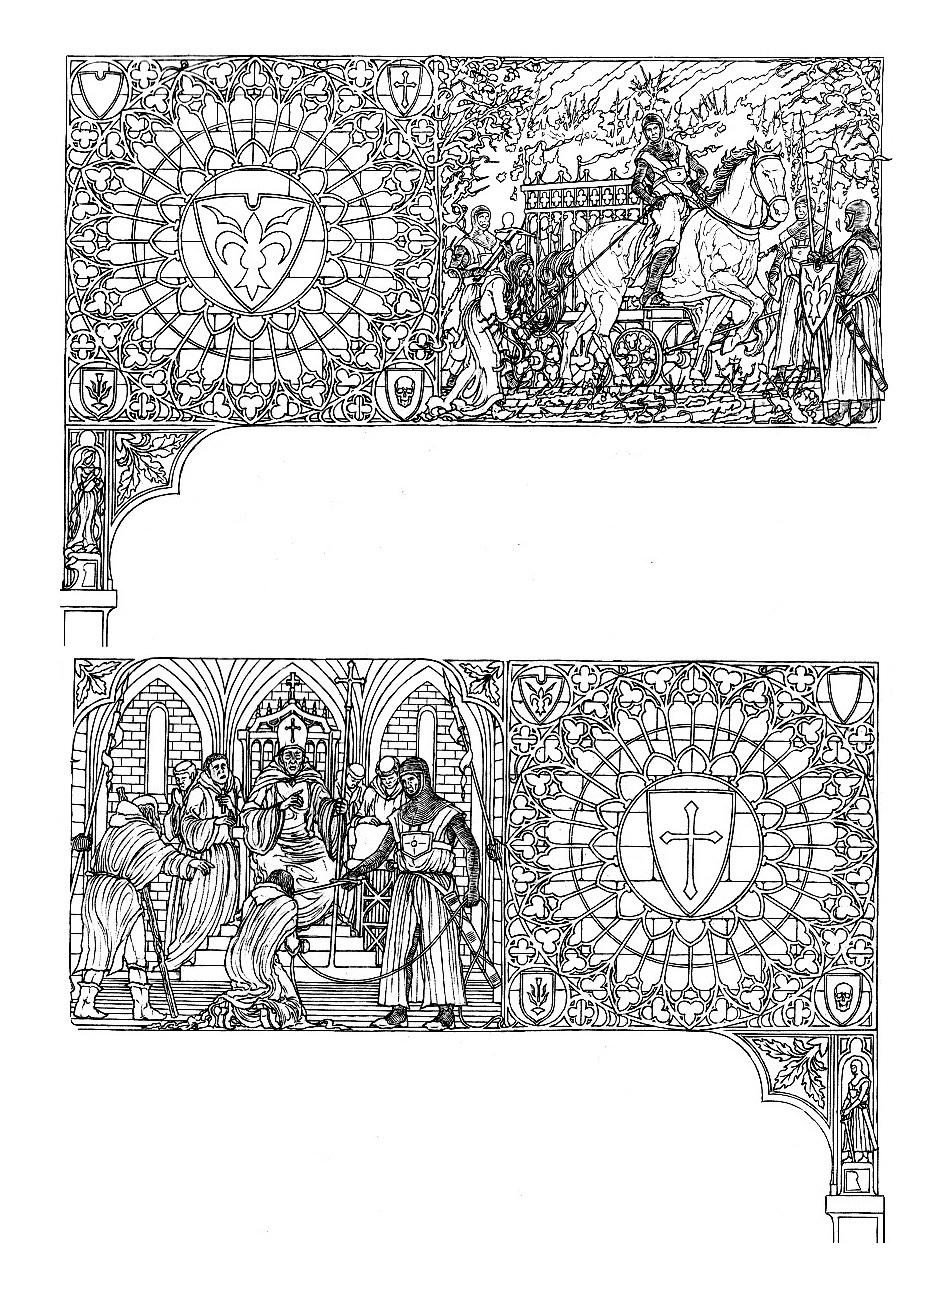 ROMÁN-GÓTIKUS SAROKDÍSZEK MINIATÚRÁKKAL II (WITCHES IV; WITCHES V).jpg